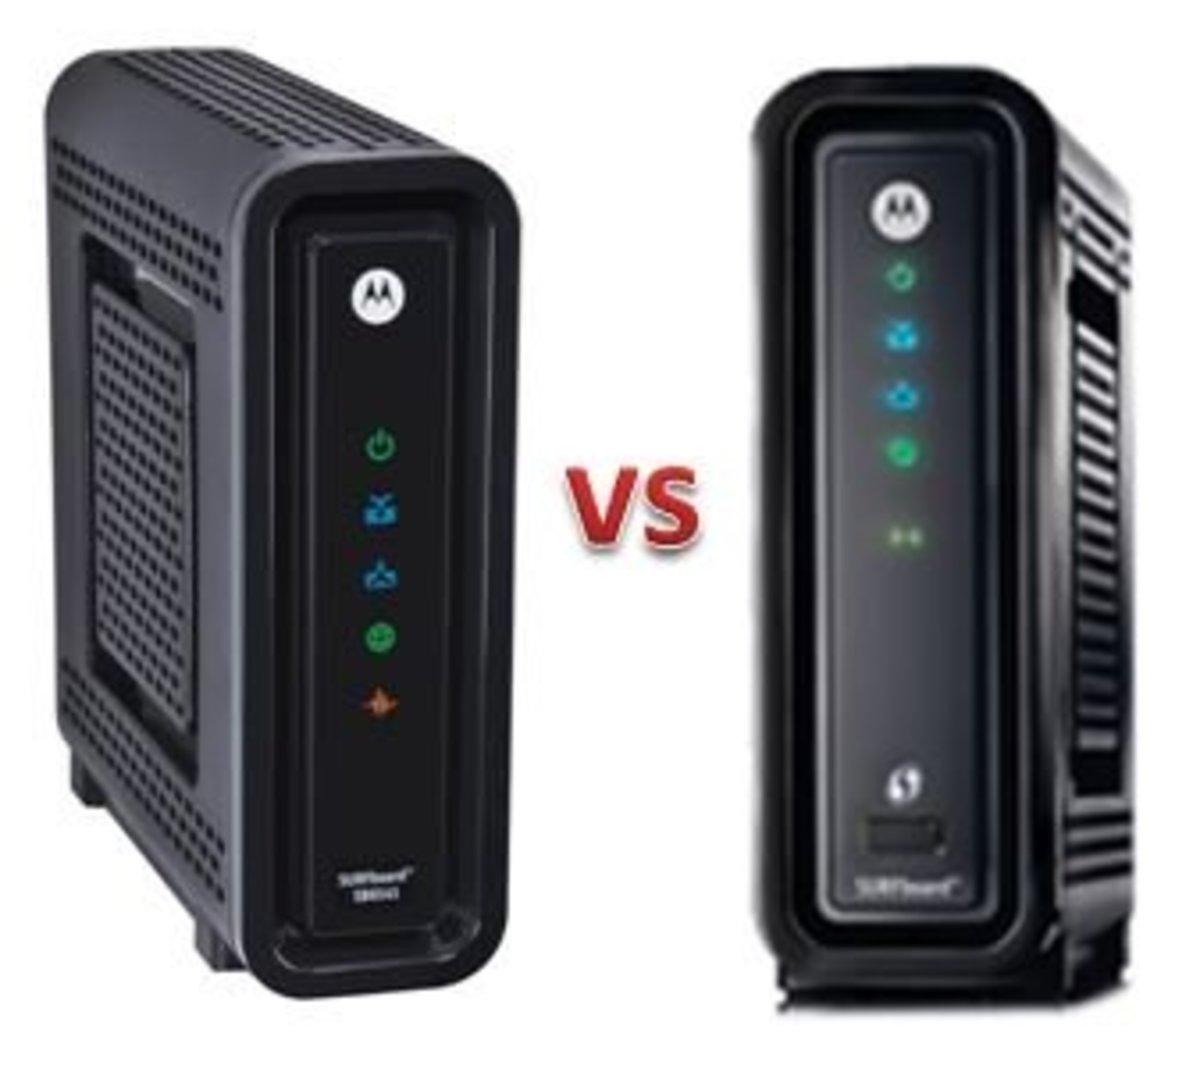 Motorola Surfboard SB6141 vs SBG6580